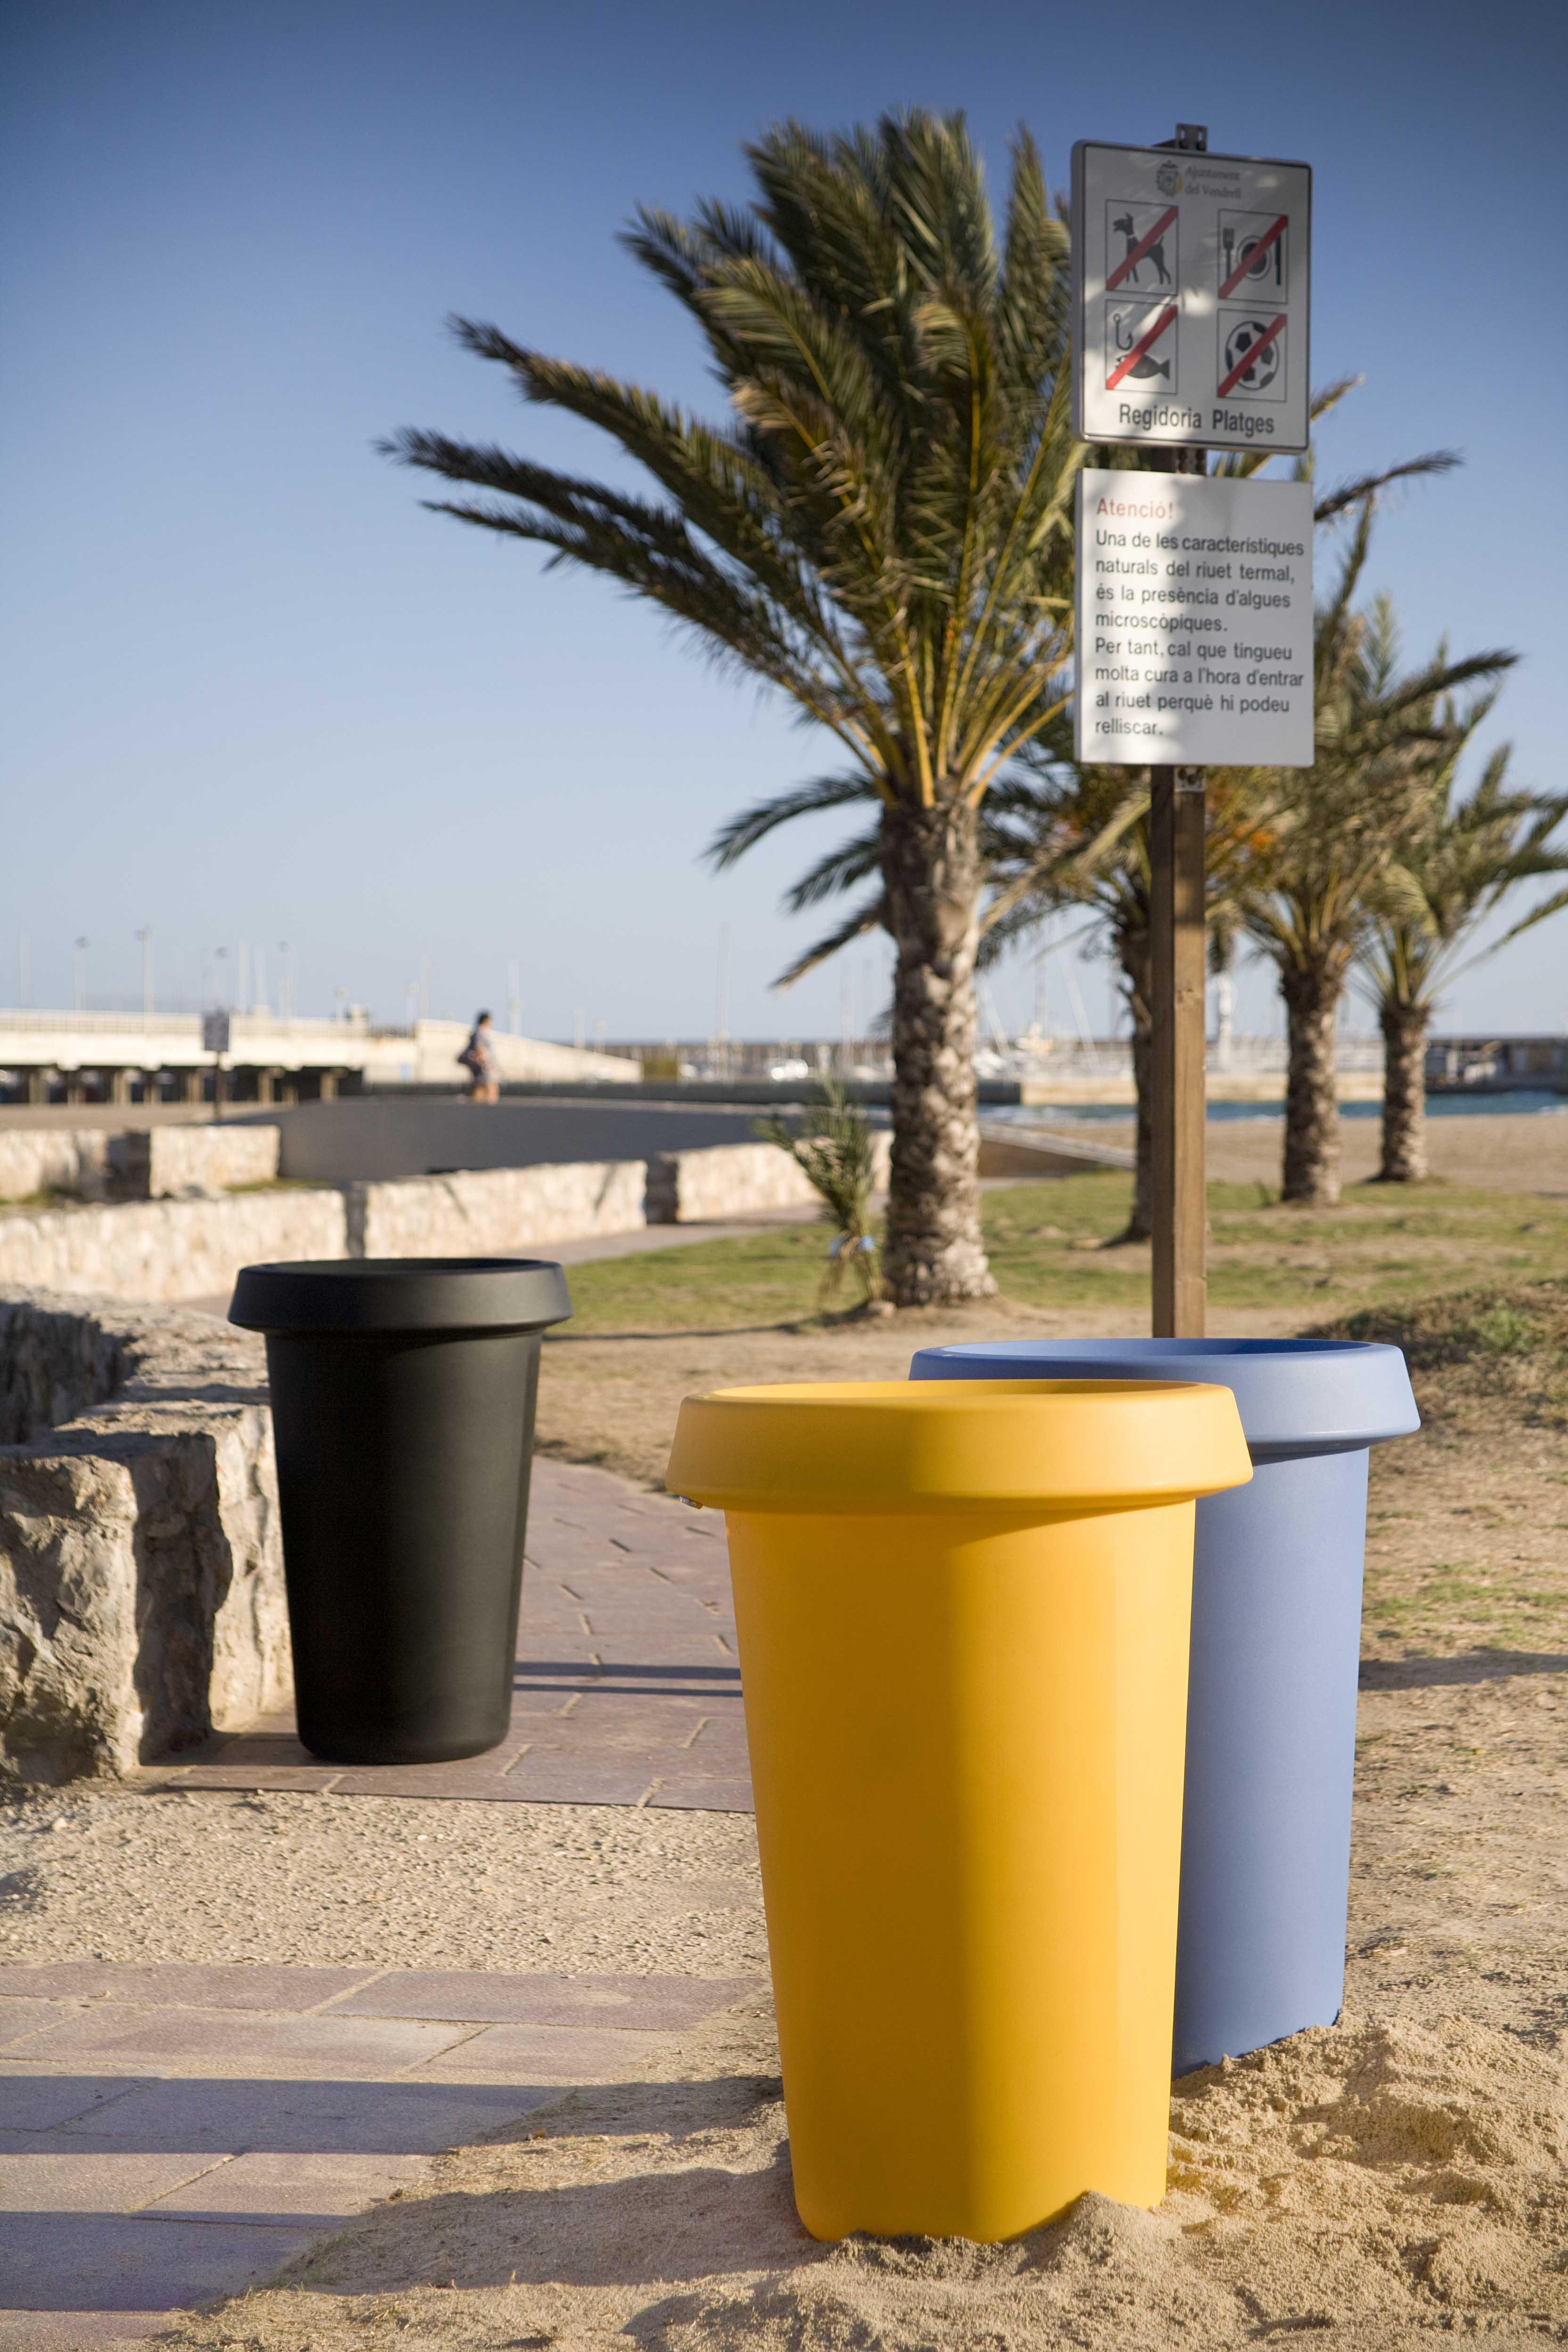 Giro affaldskurve og affaldsspande på strand